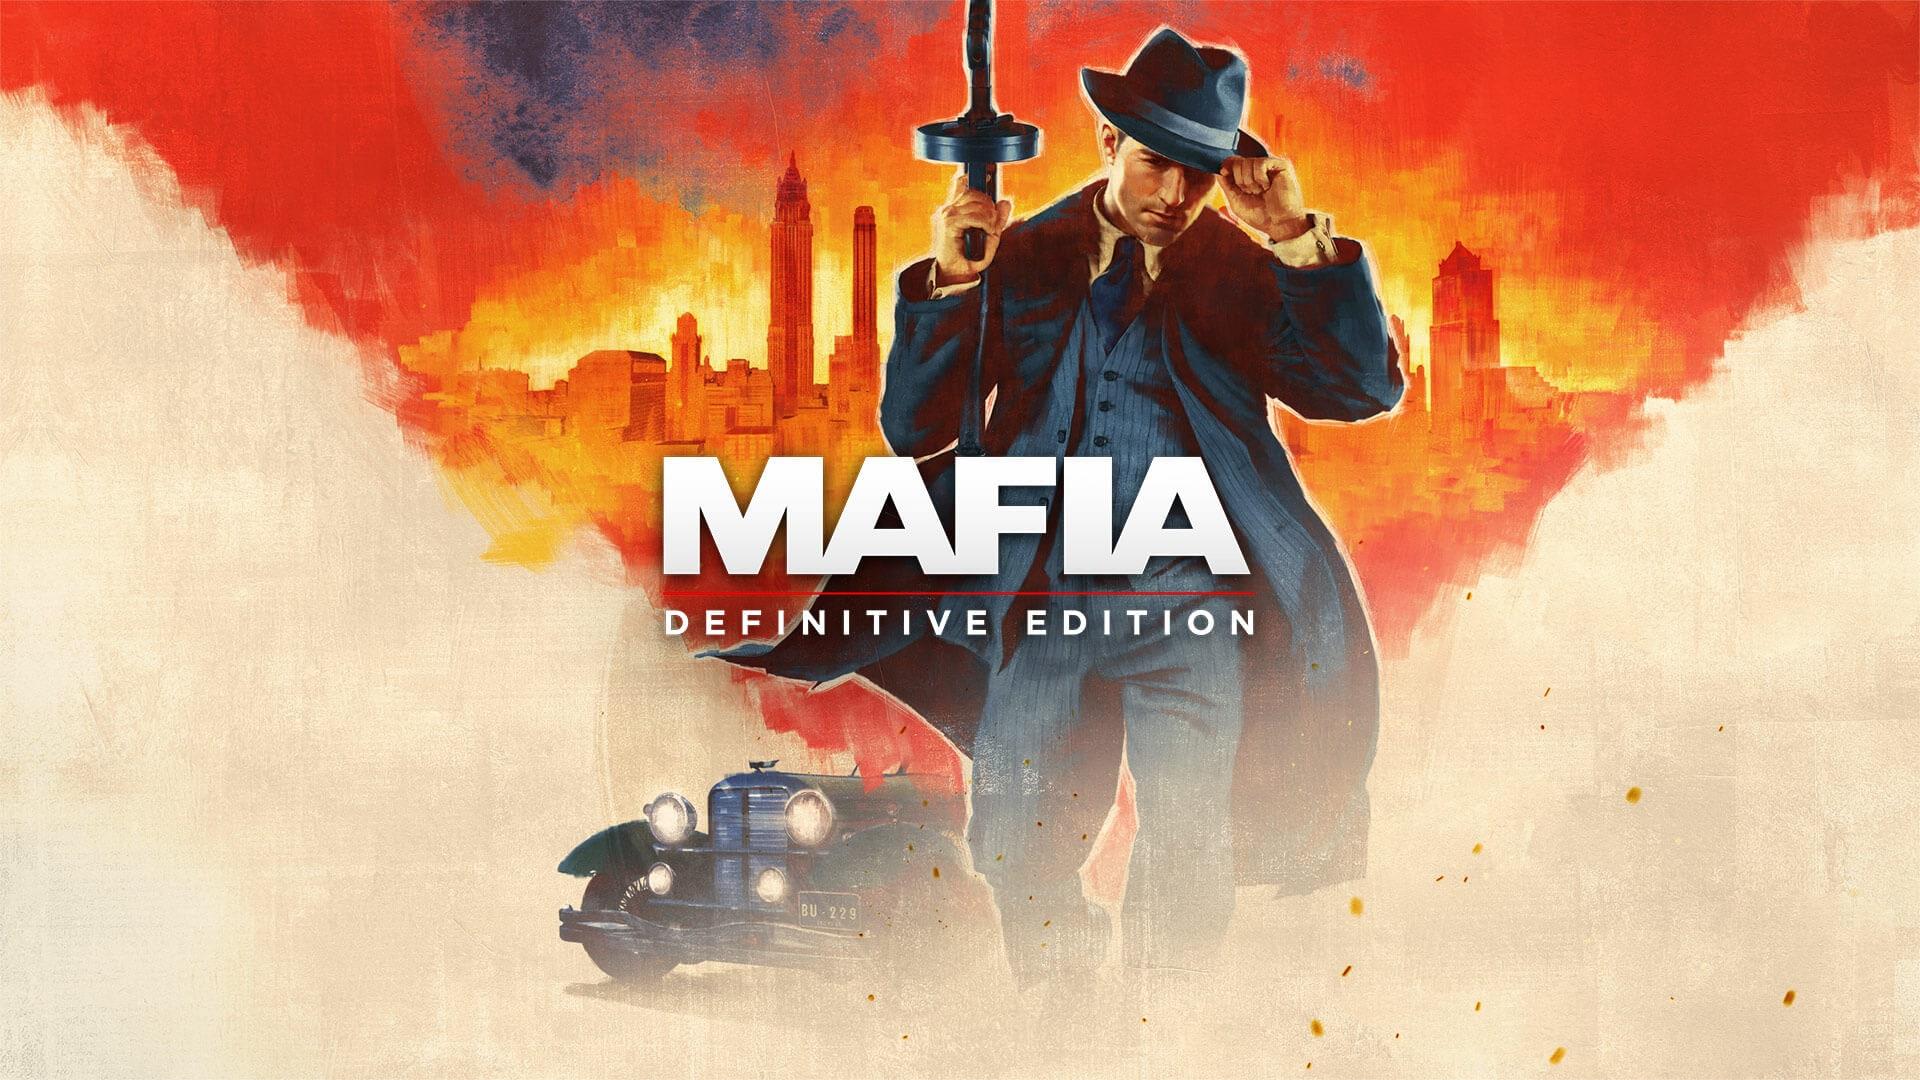 Mafia: Definitive Edition for MacBook